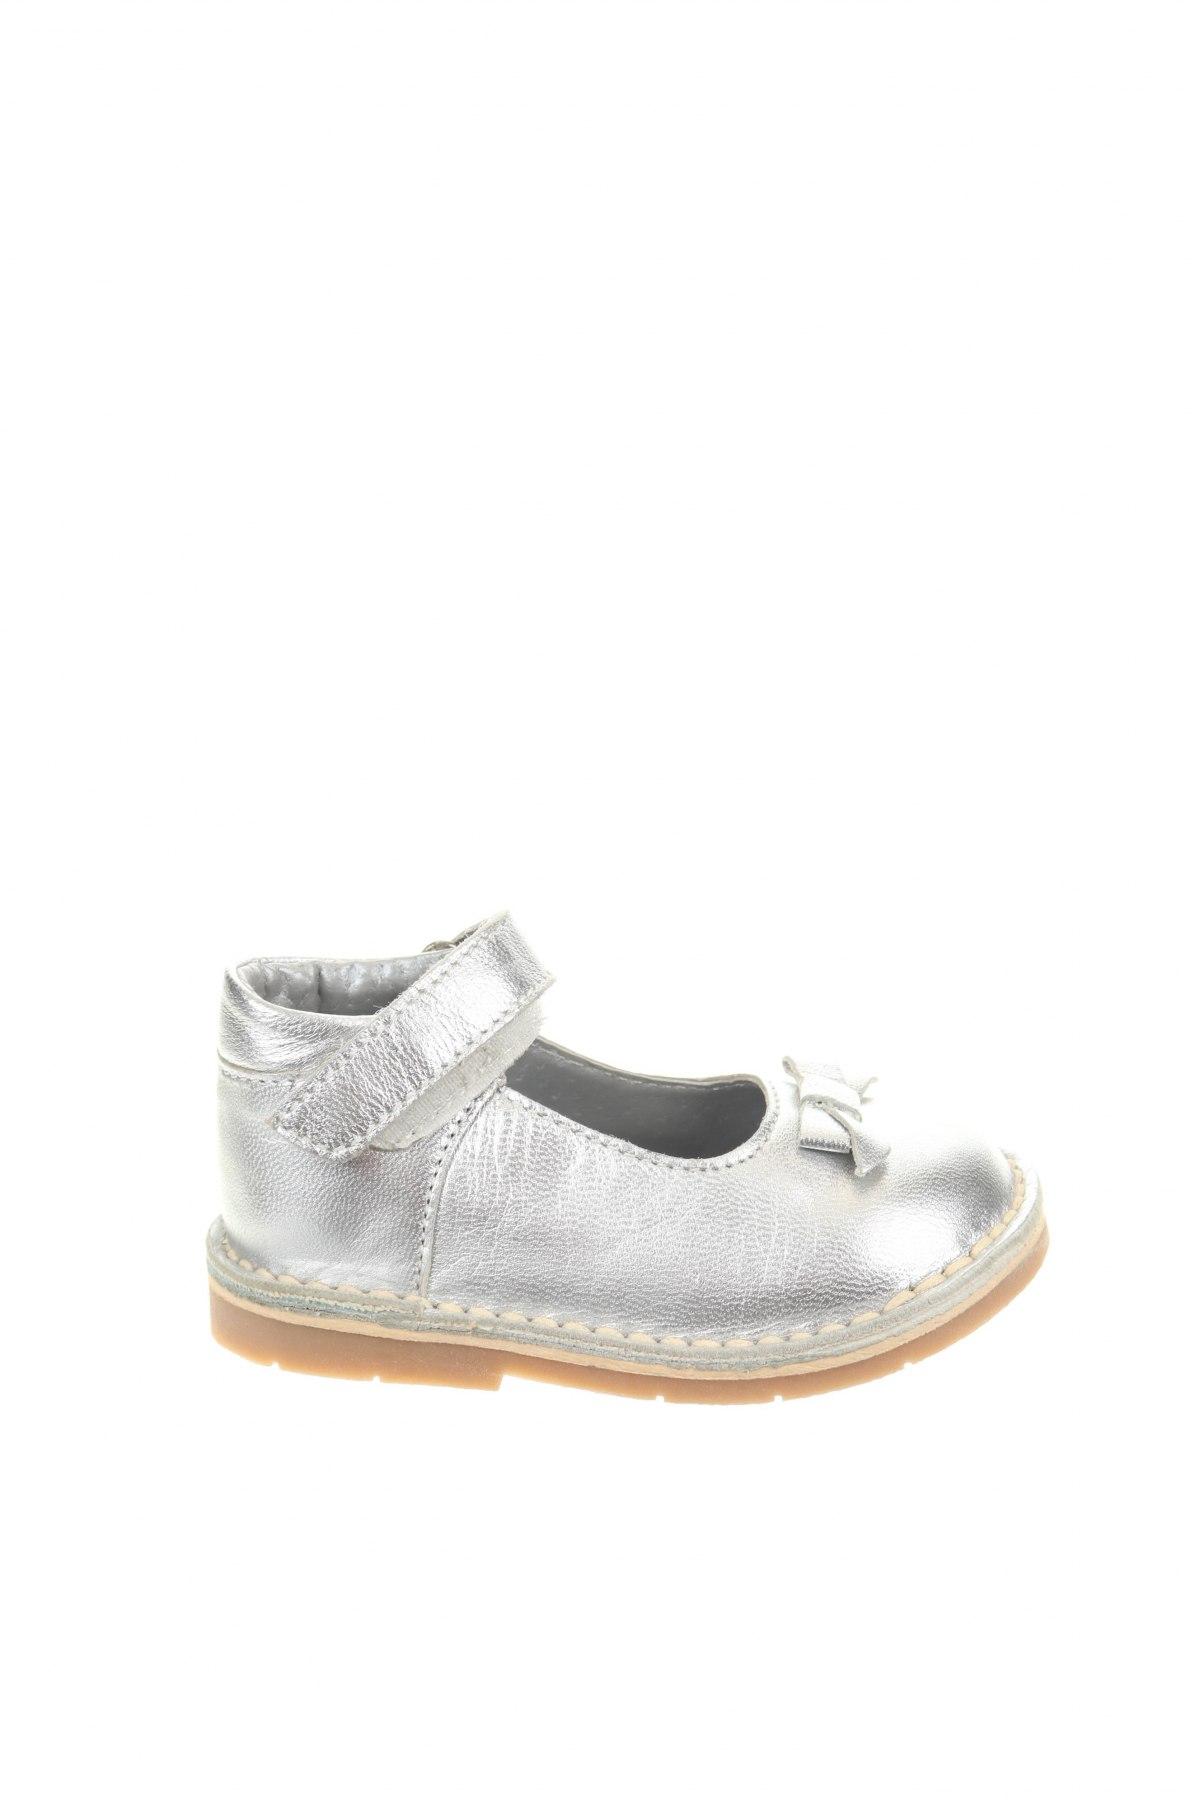 Παιδικά παπούτσια Saxo Blues, Μέγεθος 20, Χρώμα Ασημί, Γνήσιο δέρμα, Τιμή 19,55€